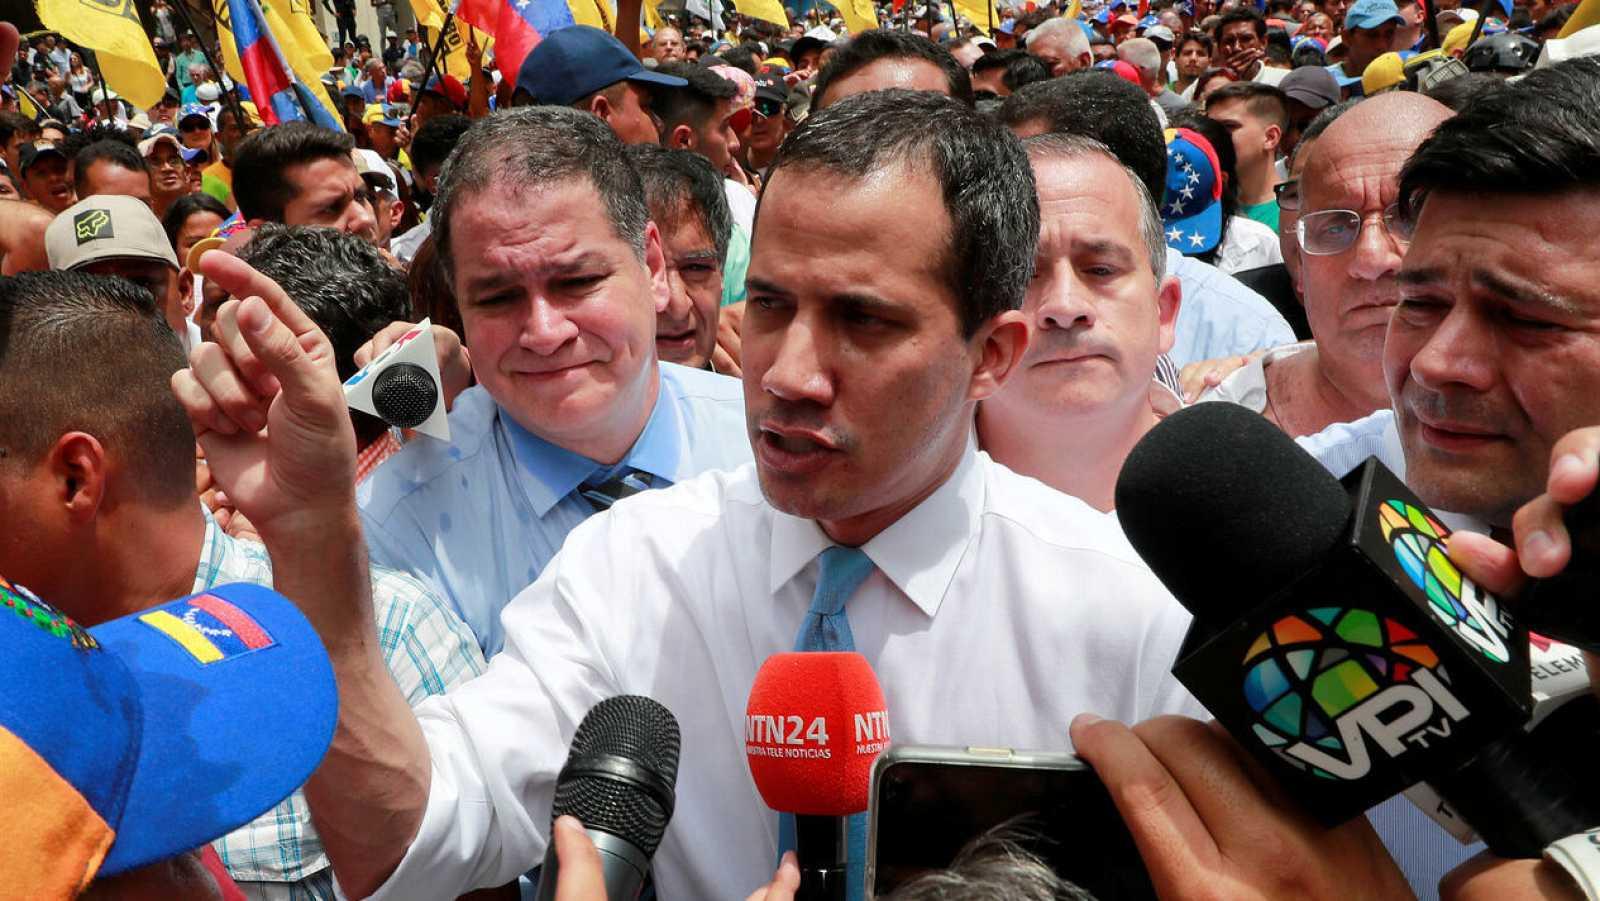 El líder de la Asamblea Nacional, Juan Guaidó, en las calles de Venezuela.